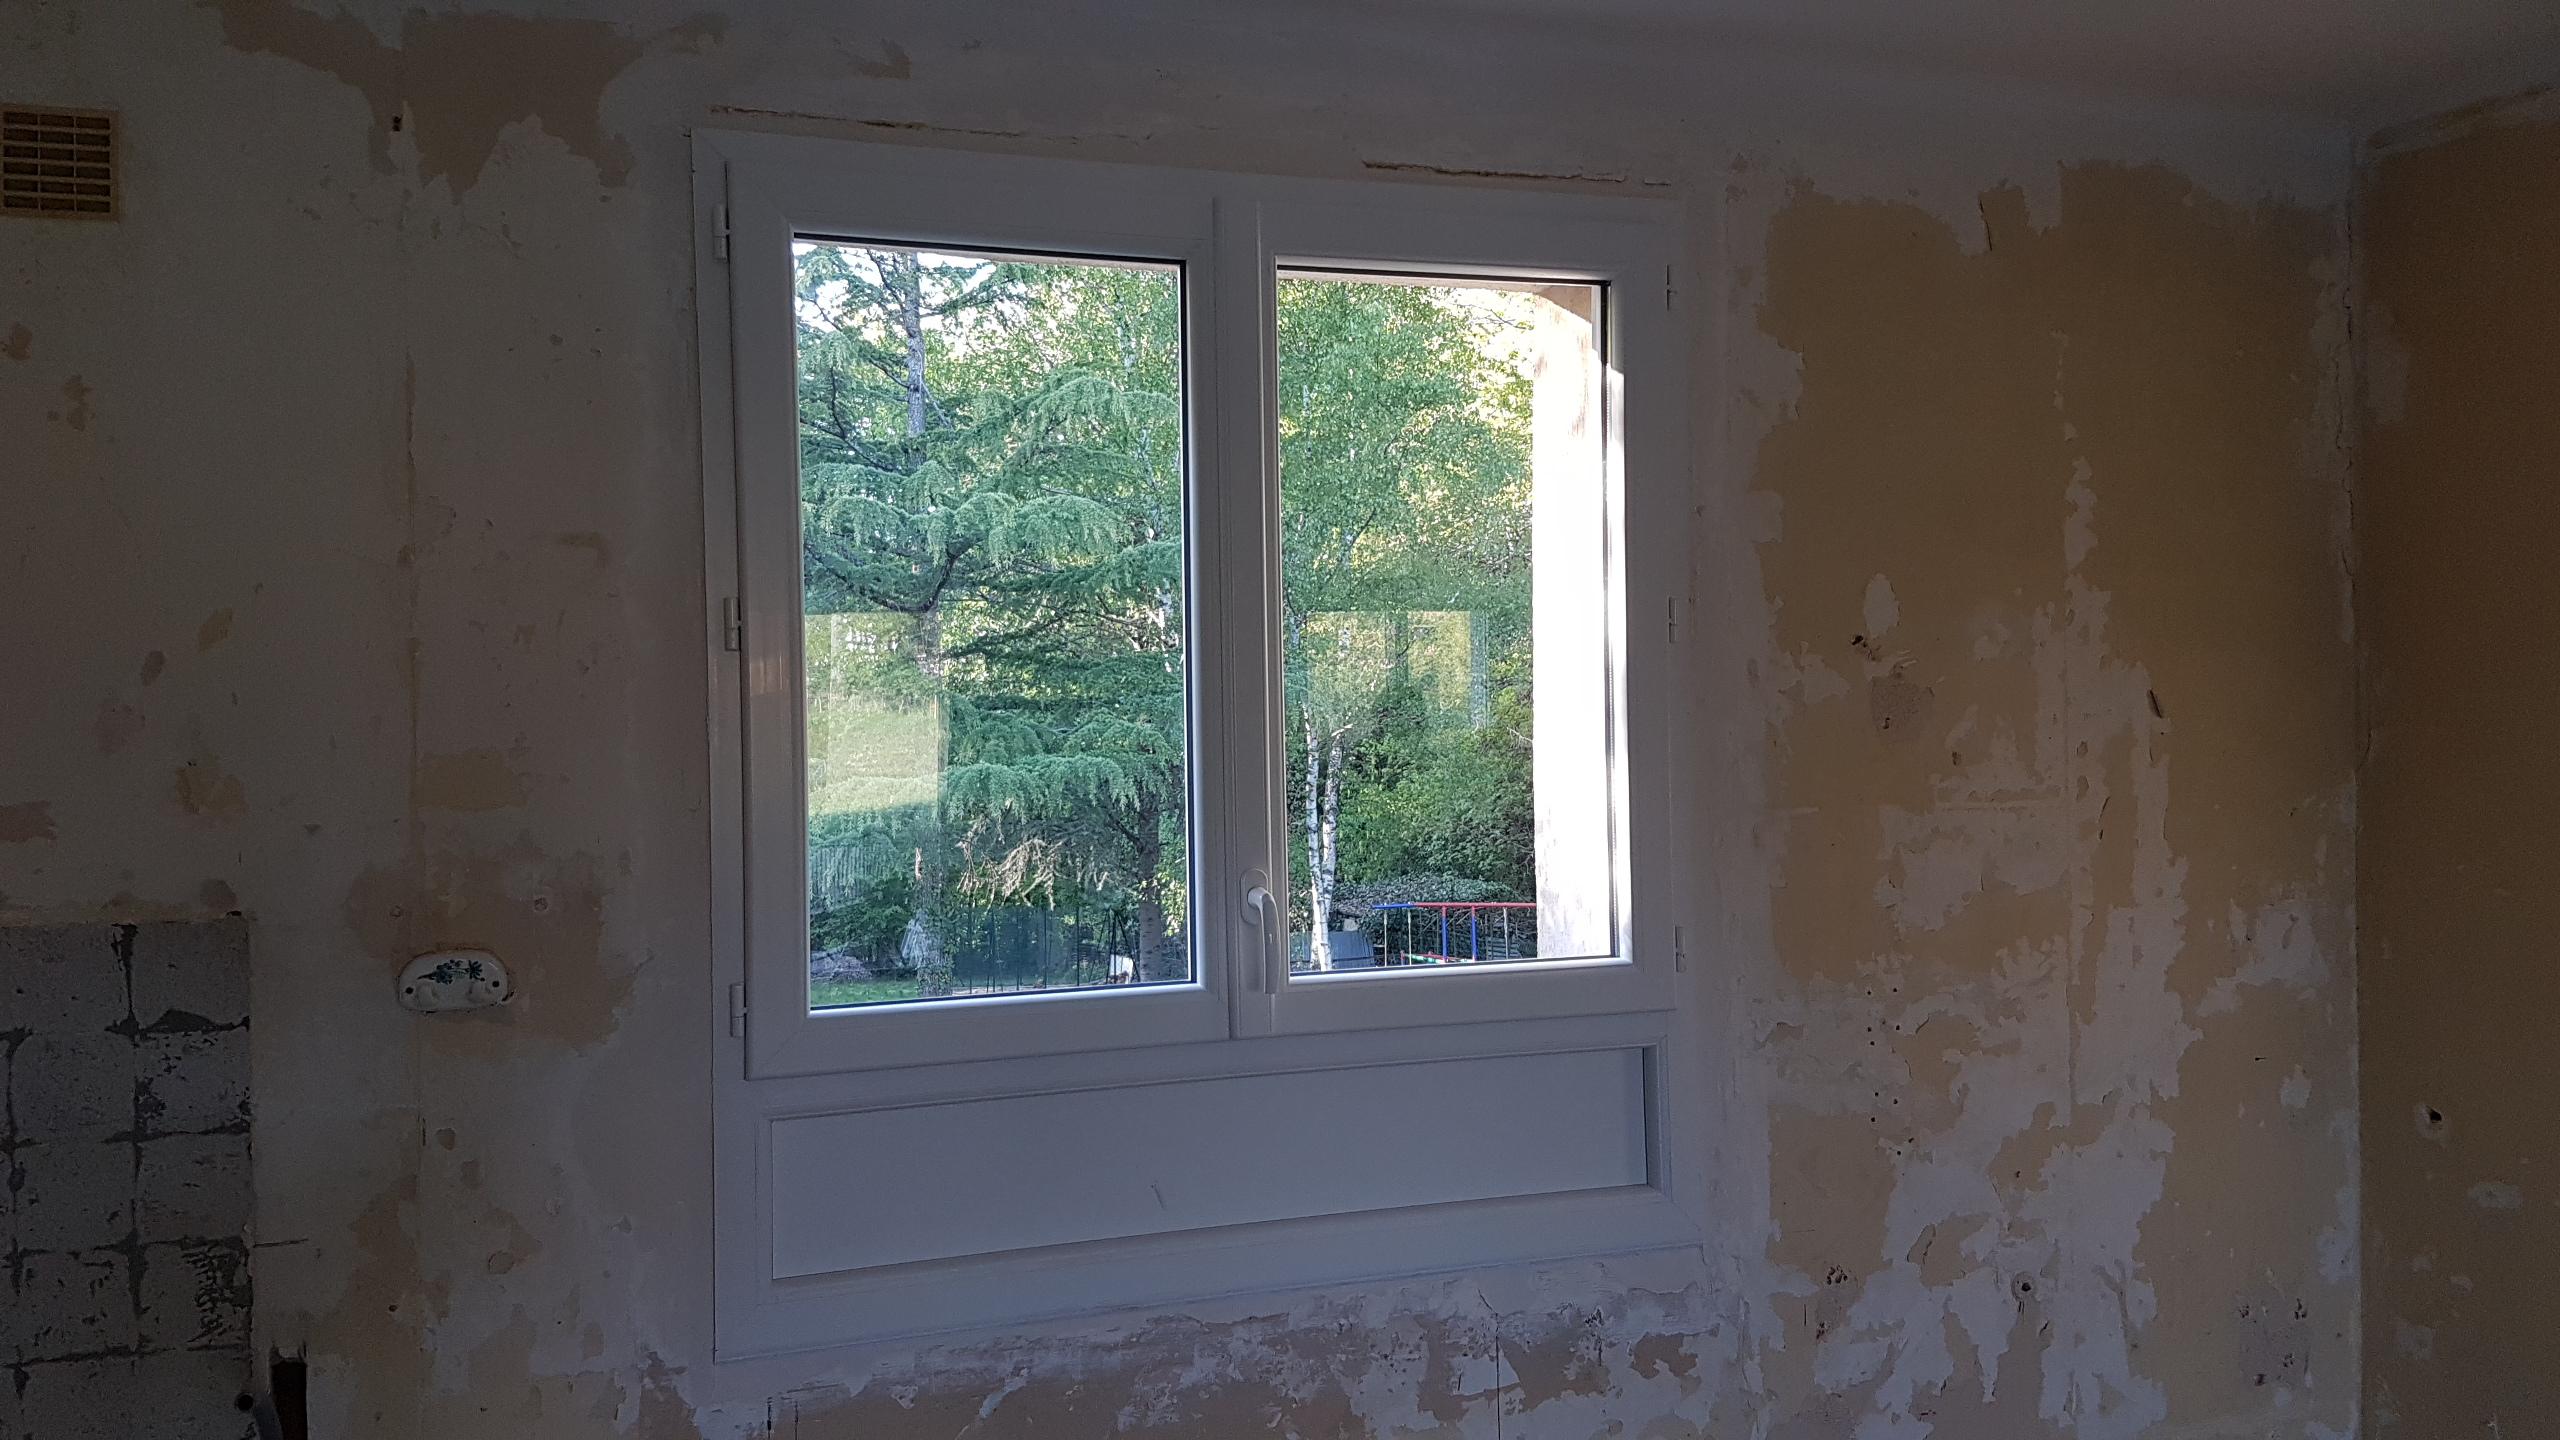 fenêtre 2 vantaux et soubassement plein